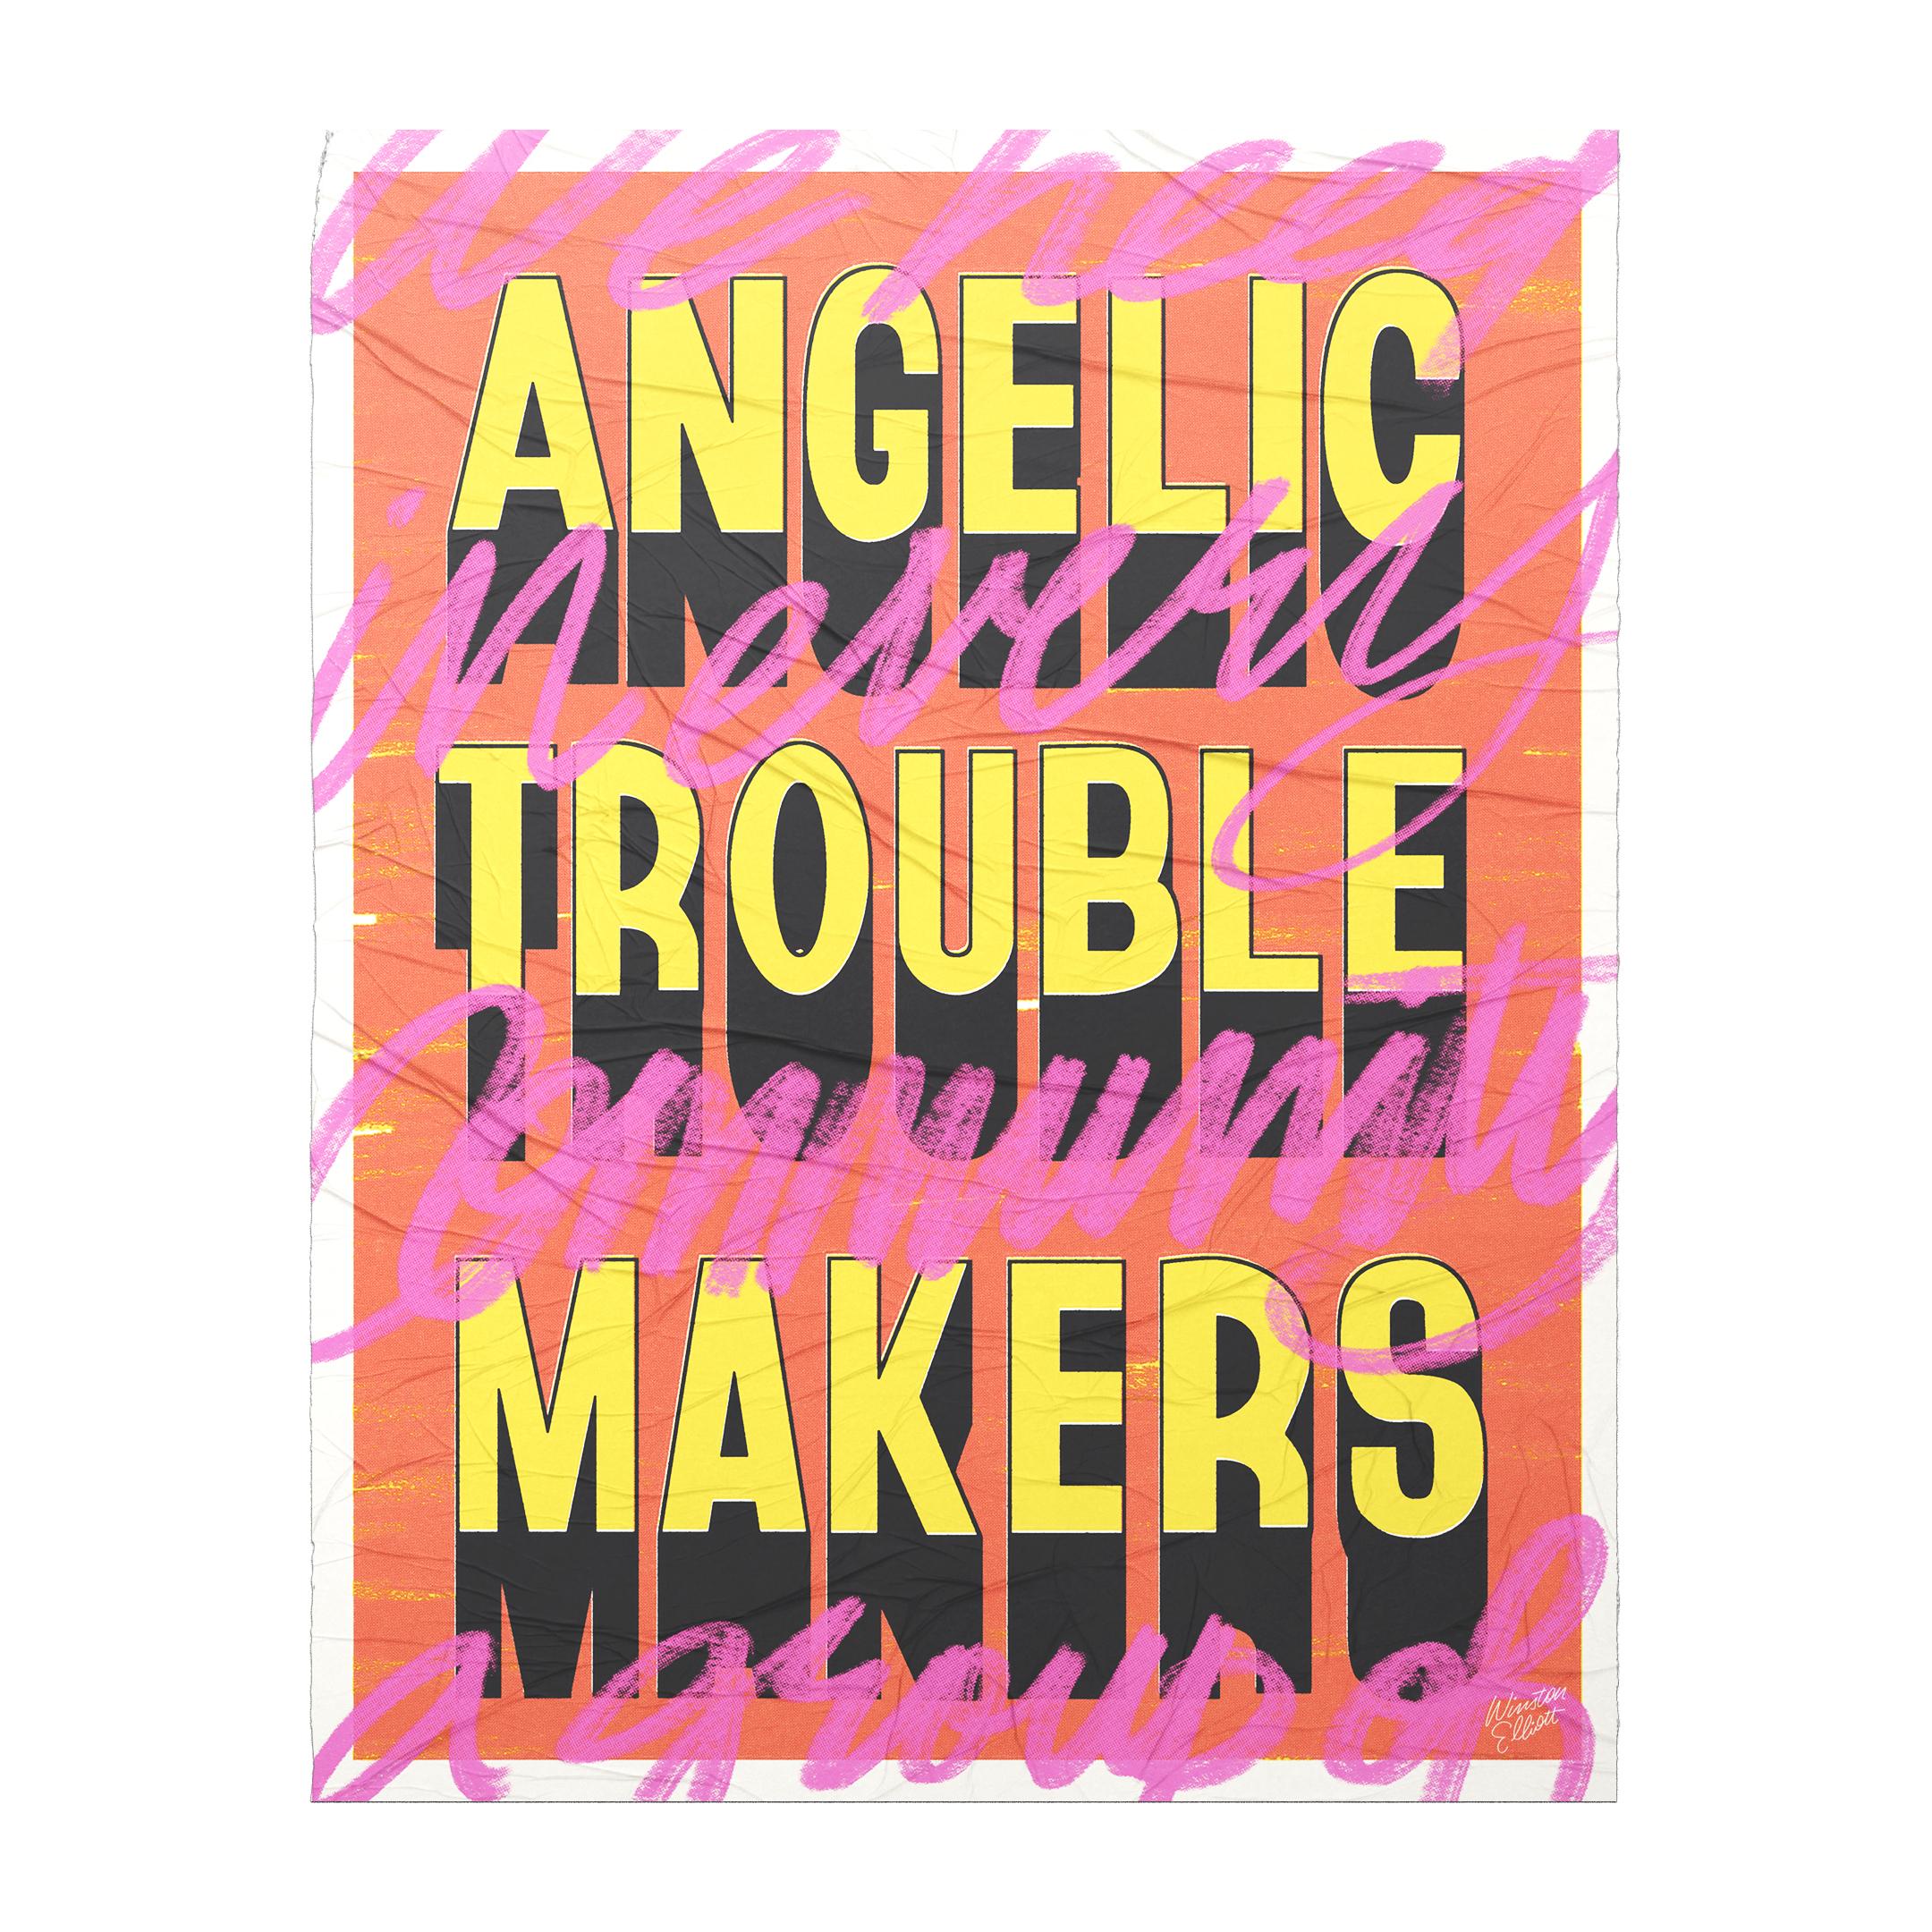 Angelic Troublemakers - Winston Elliott Design